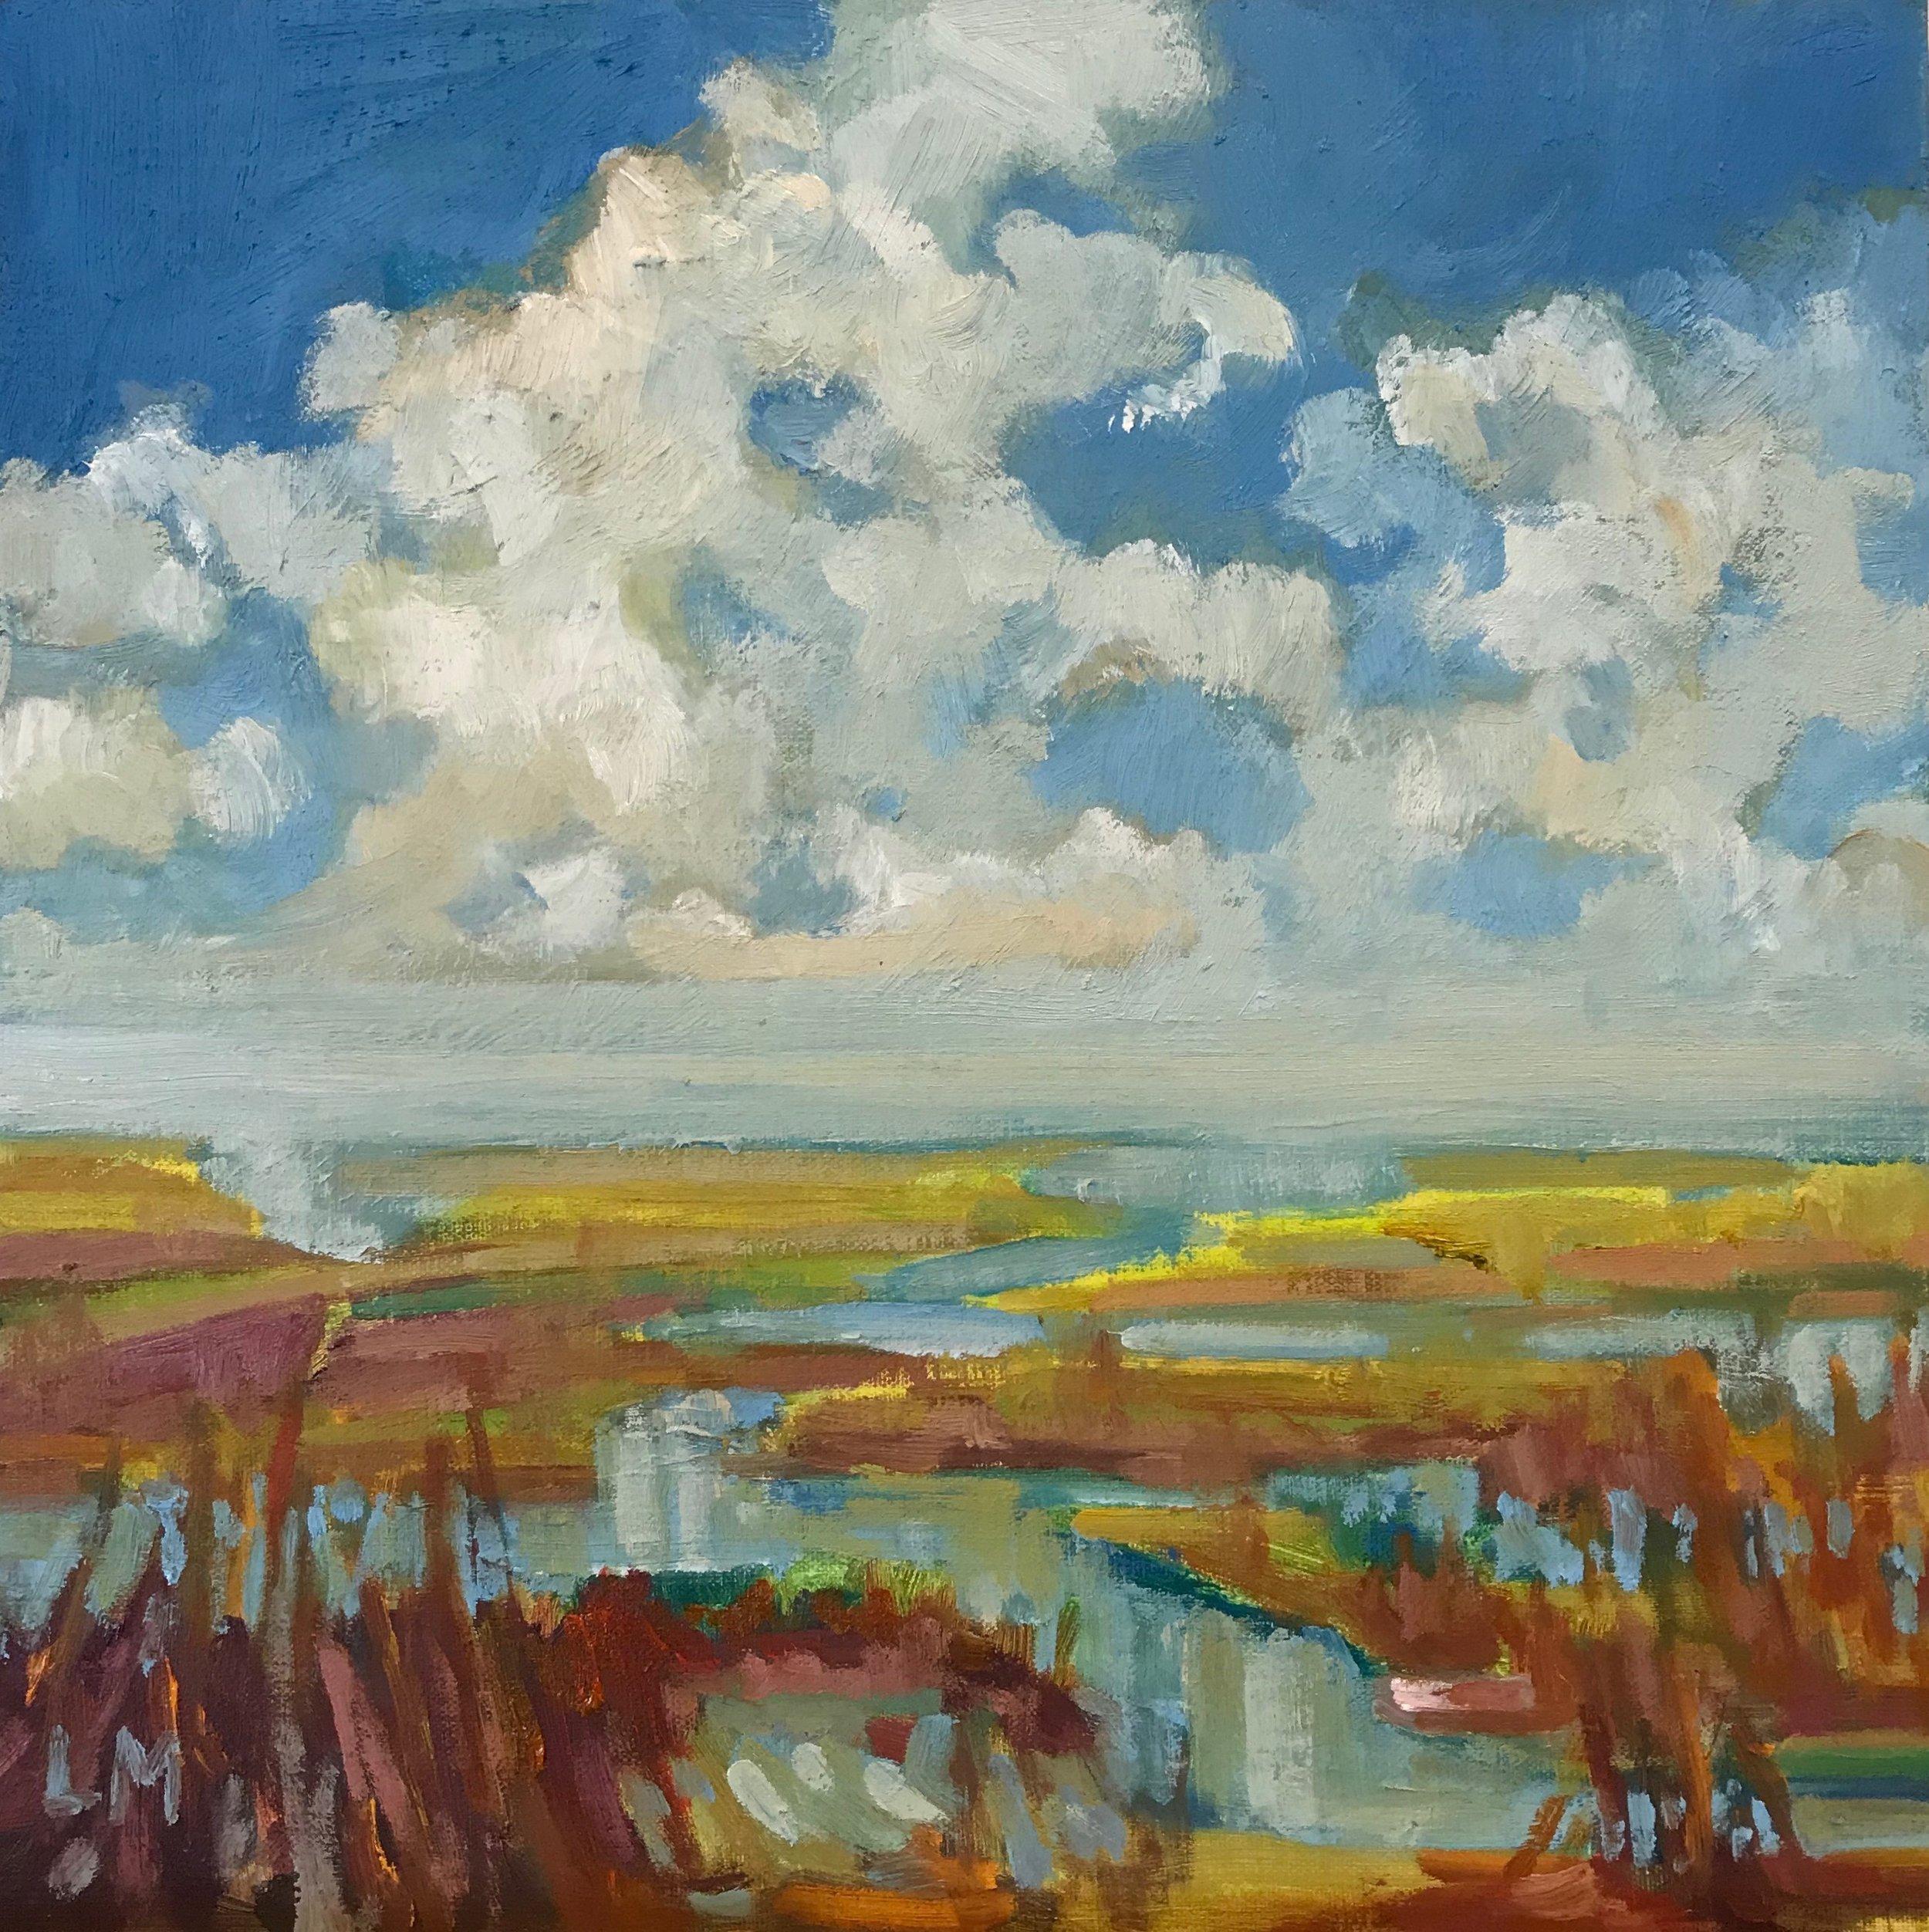 Wetlands, oils, 12 x 12